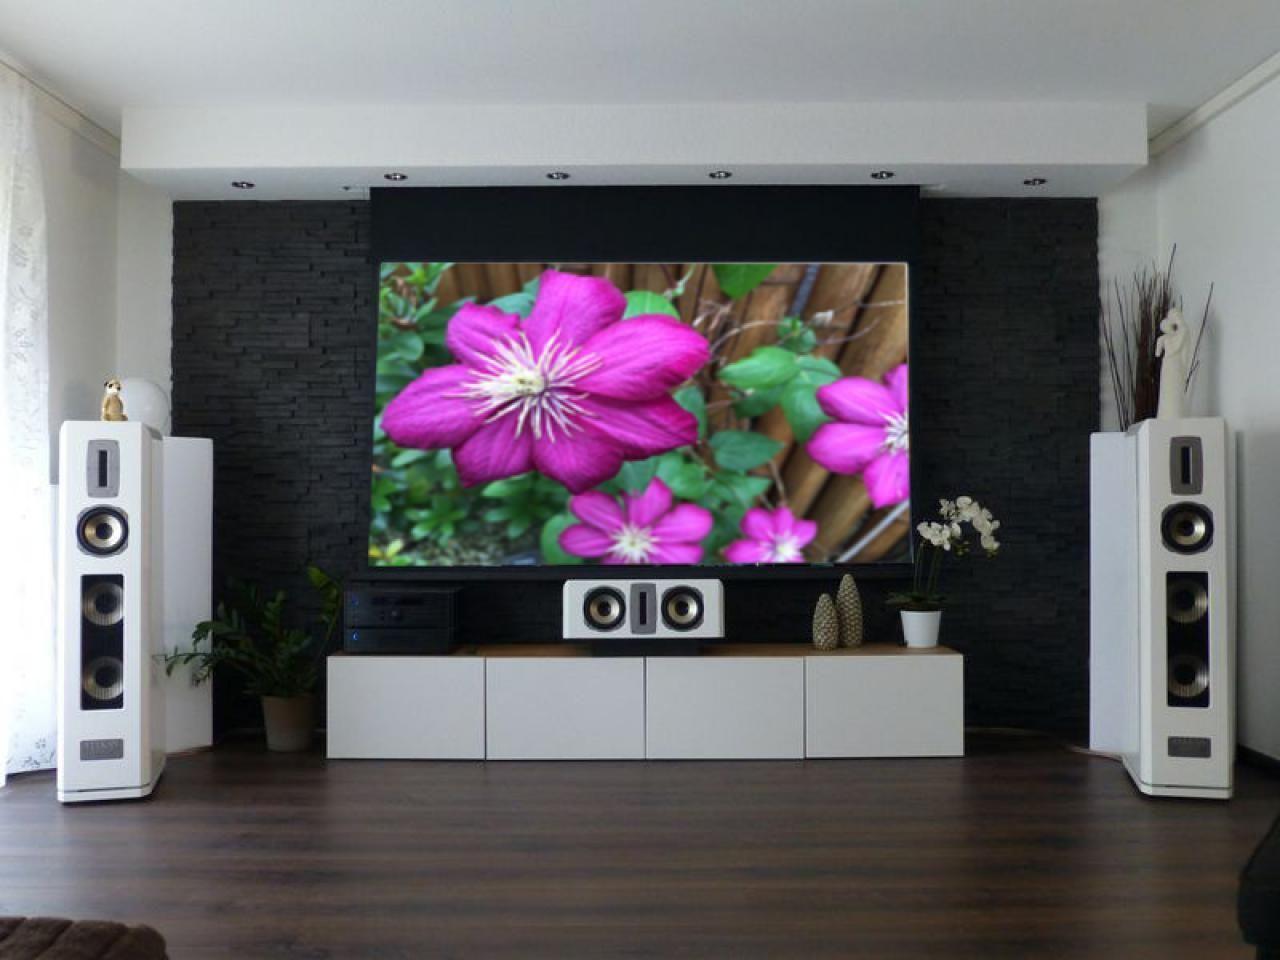 Heimkino schlafzimmer design-ideen leinwände und lautsprecher im raum  home theater tips  pinterest